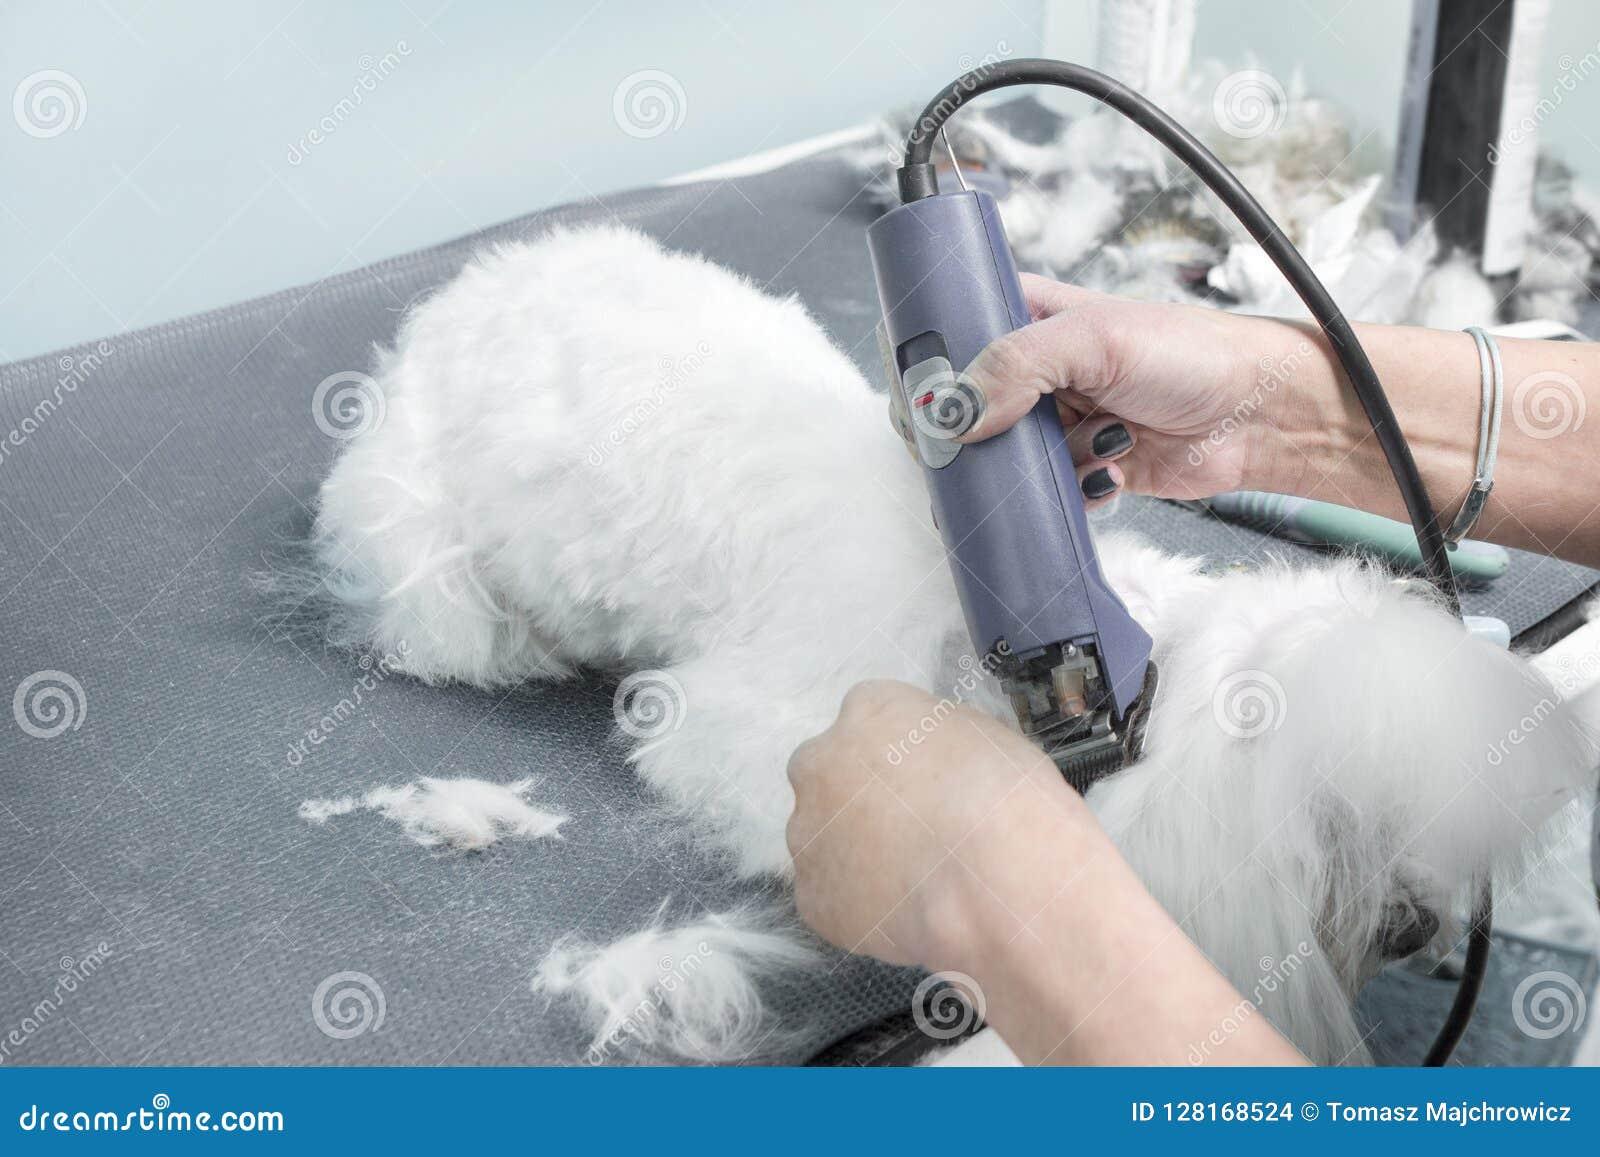 5 Μια γυναίκα κόβει ένα της Μάλτα σκυλί με έναν ηλεκτρικό κουρευτή ζώων σε ένα ζωικό σαλόνι ομορφιάς